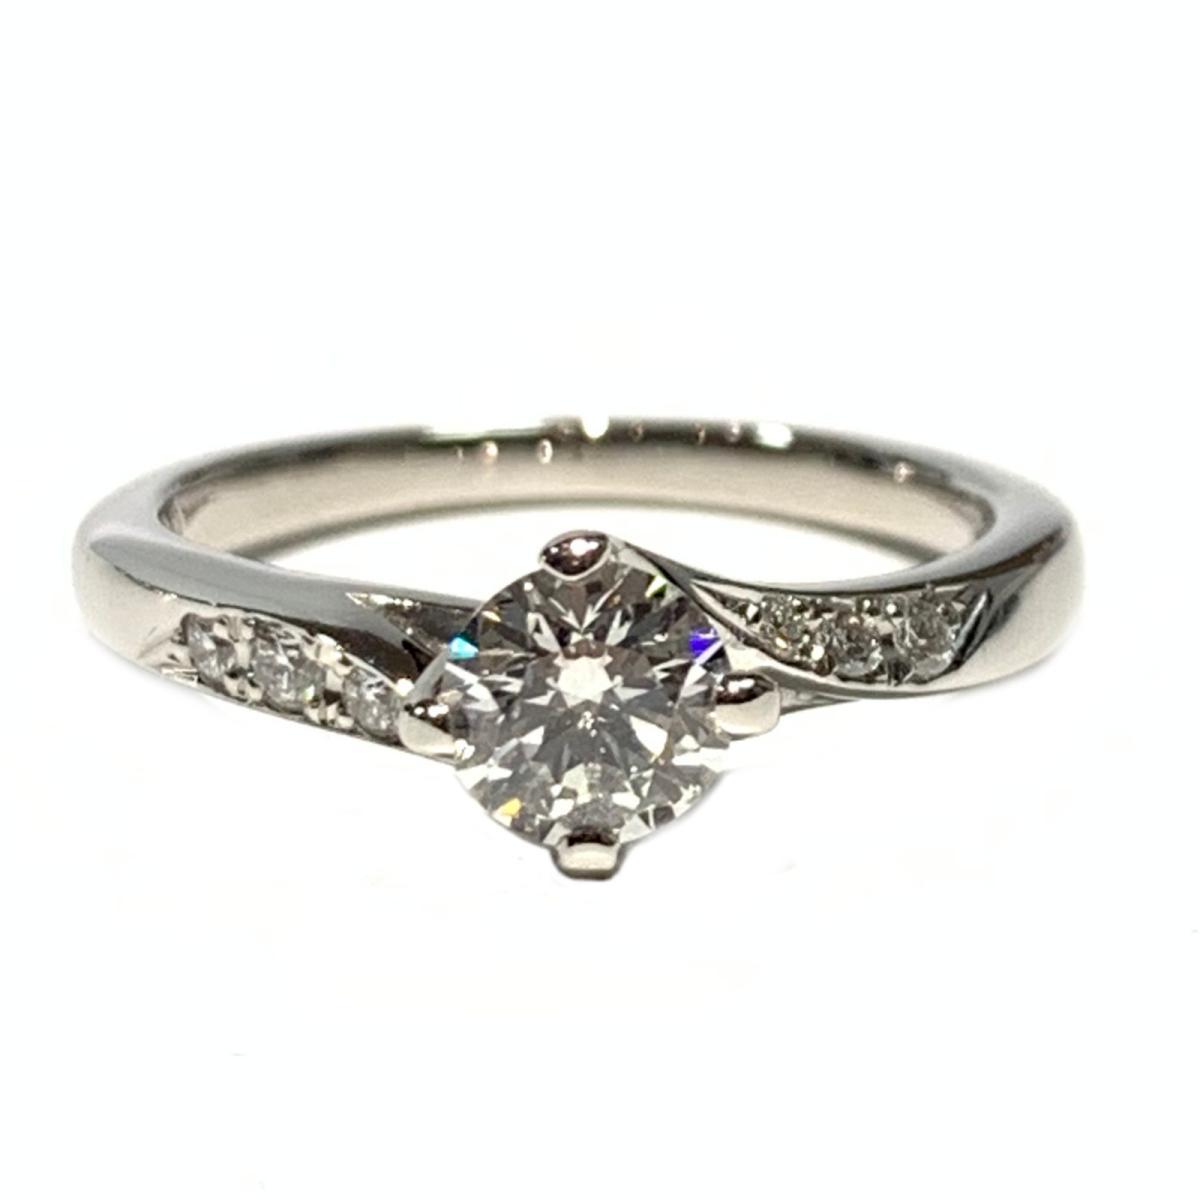 ジュエリー ダイヤモンド リング 指輪 ノーブランドジュエリー レディース PT900 プラチナ x ダイヤモンド0 482ctOPkZuXi